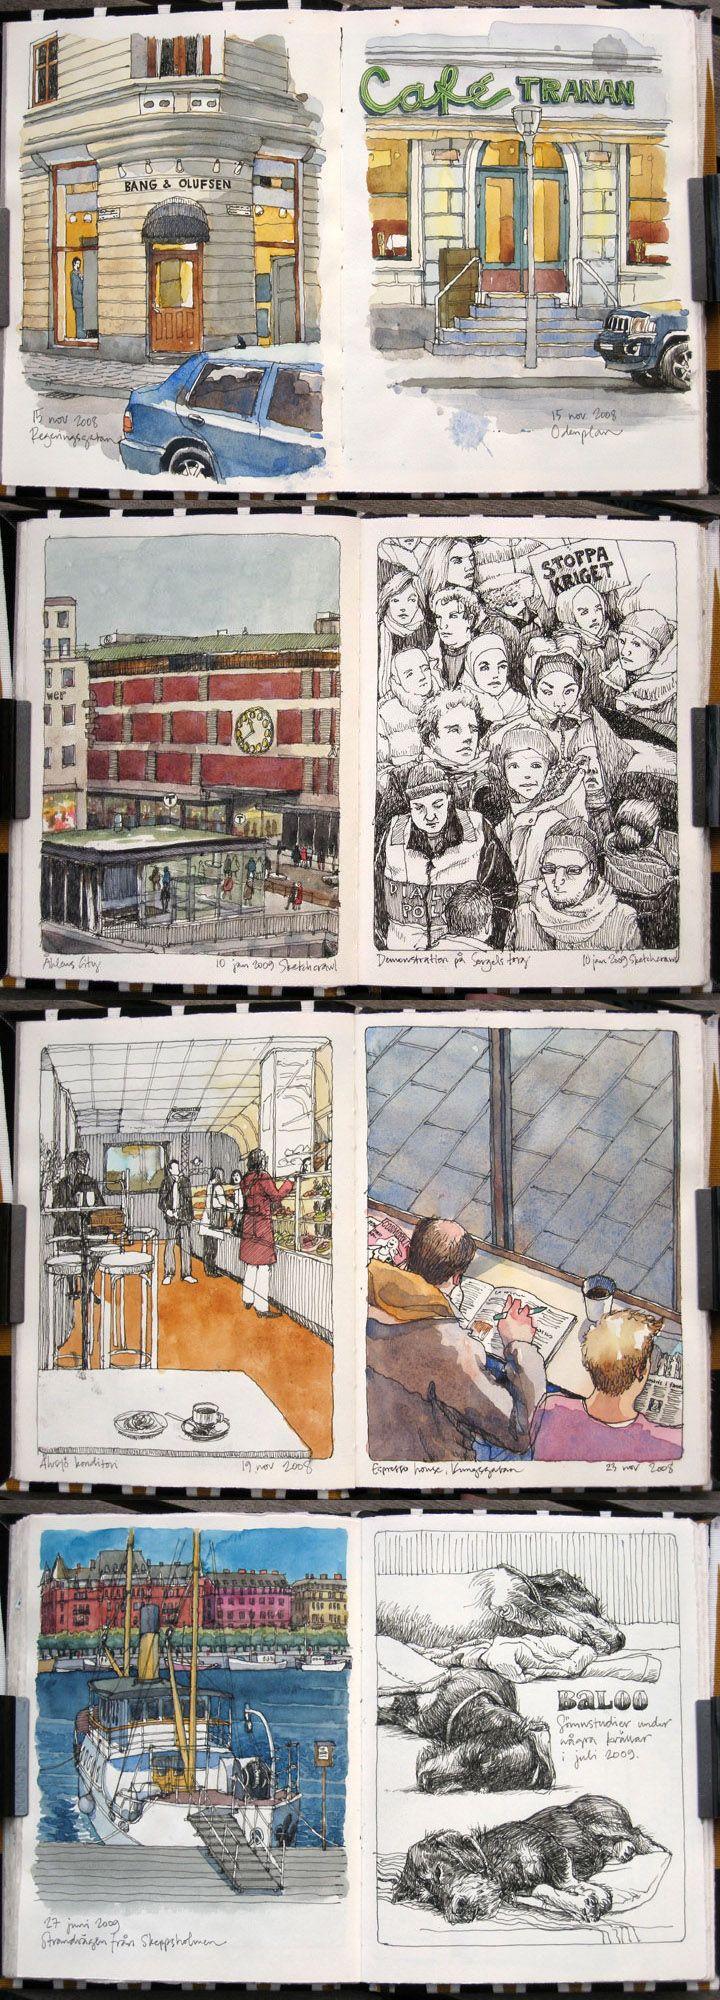 Nina Johansson   #sketchbook    http://www.ninajohansson.se/sketchbooks/patterned-book-nov-2008/